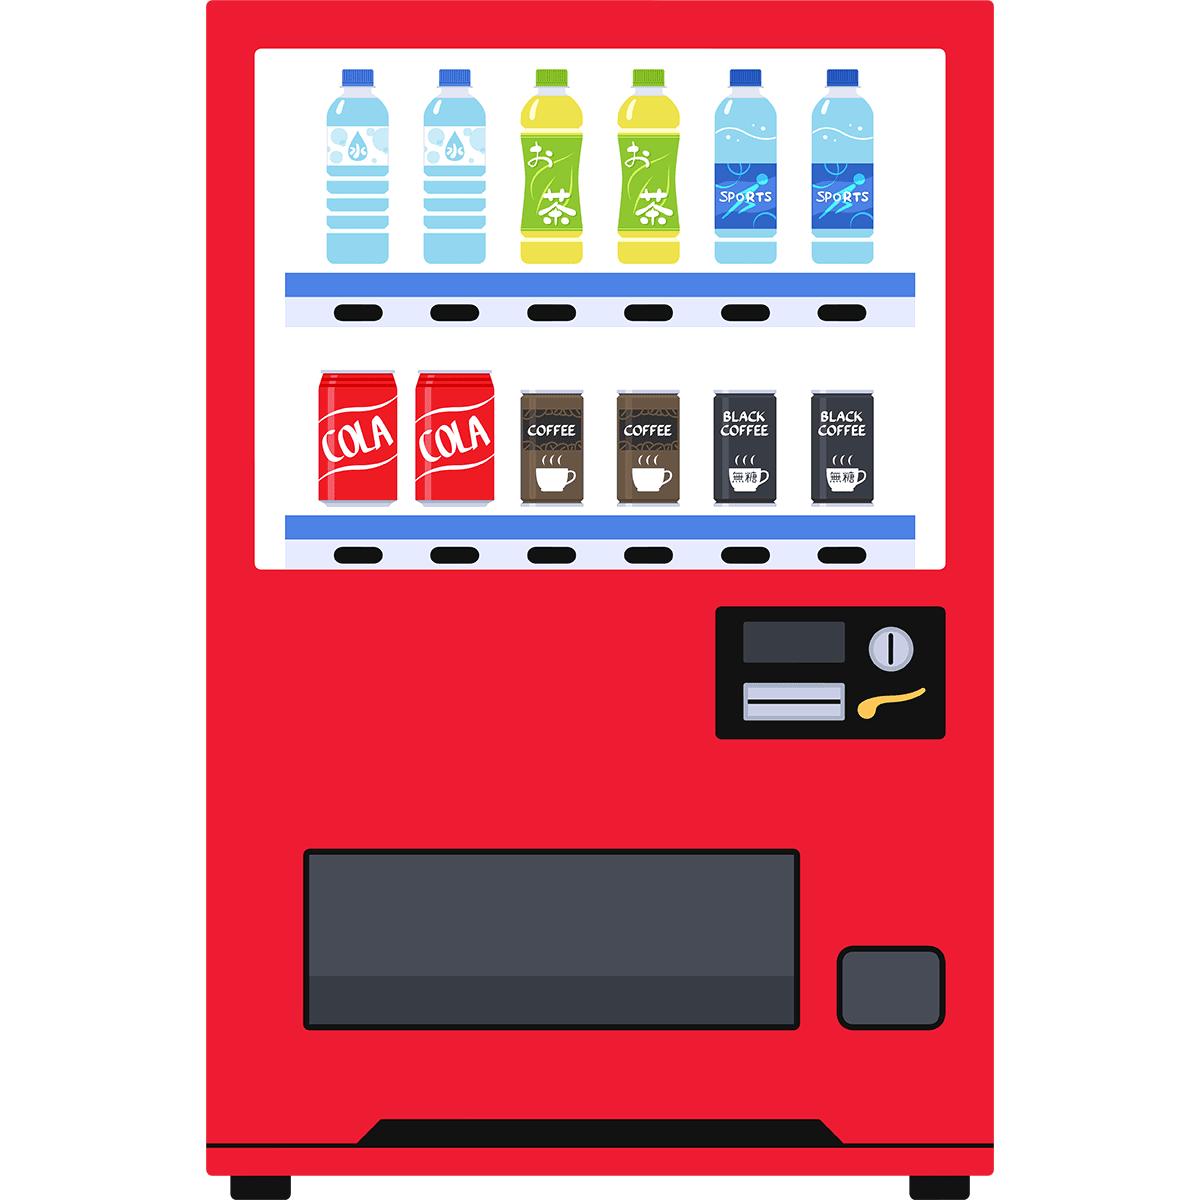 ジュースの自動販売機の無料イラスト